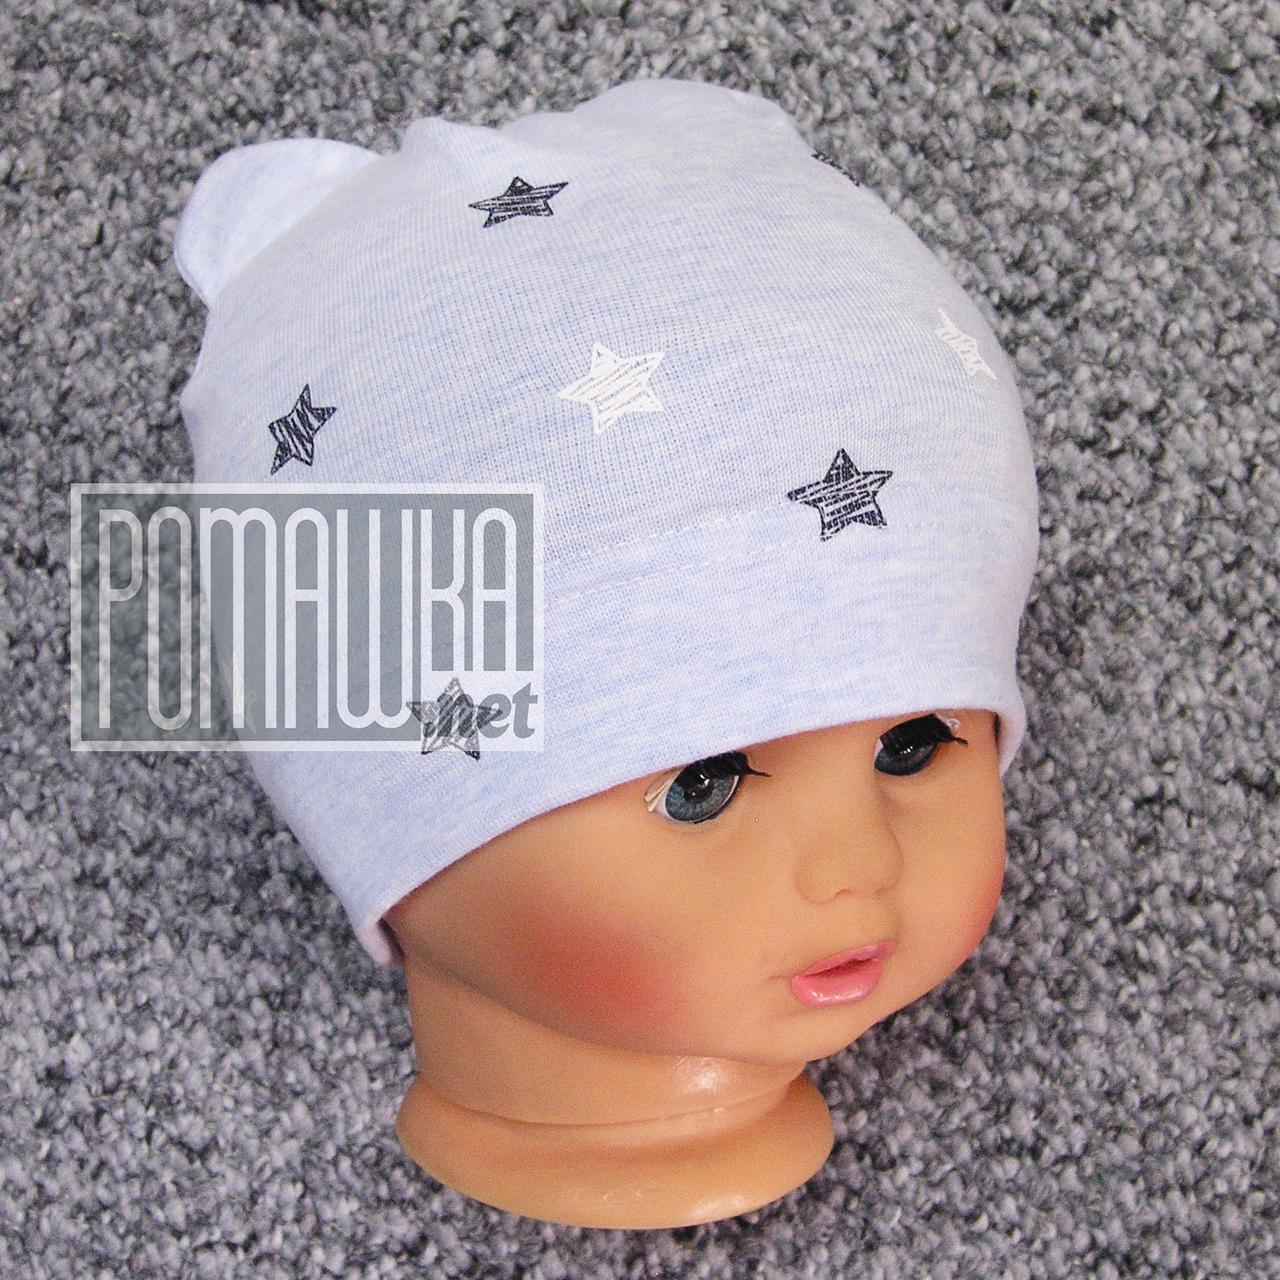 Однослойная р 42-46 6-9 мес трикотажная шапка на мальчика детская тонкая лёгкая осень весна деми 4870 Голубой